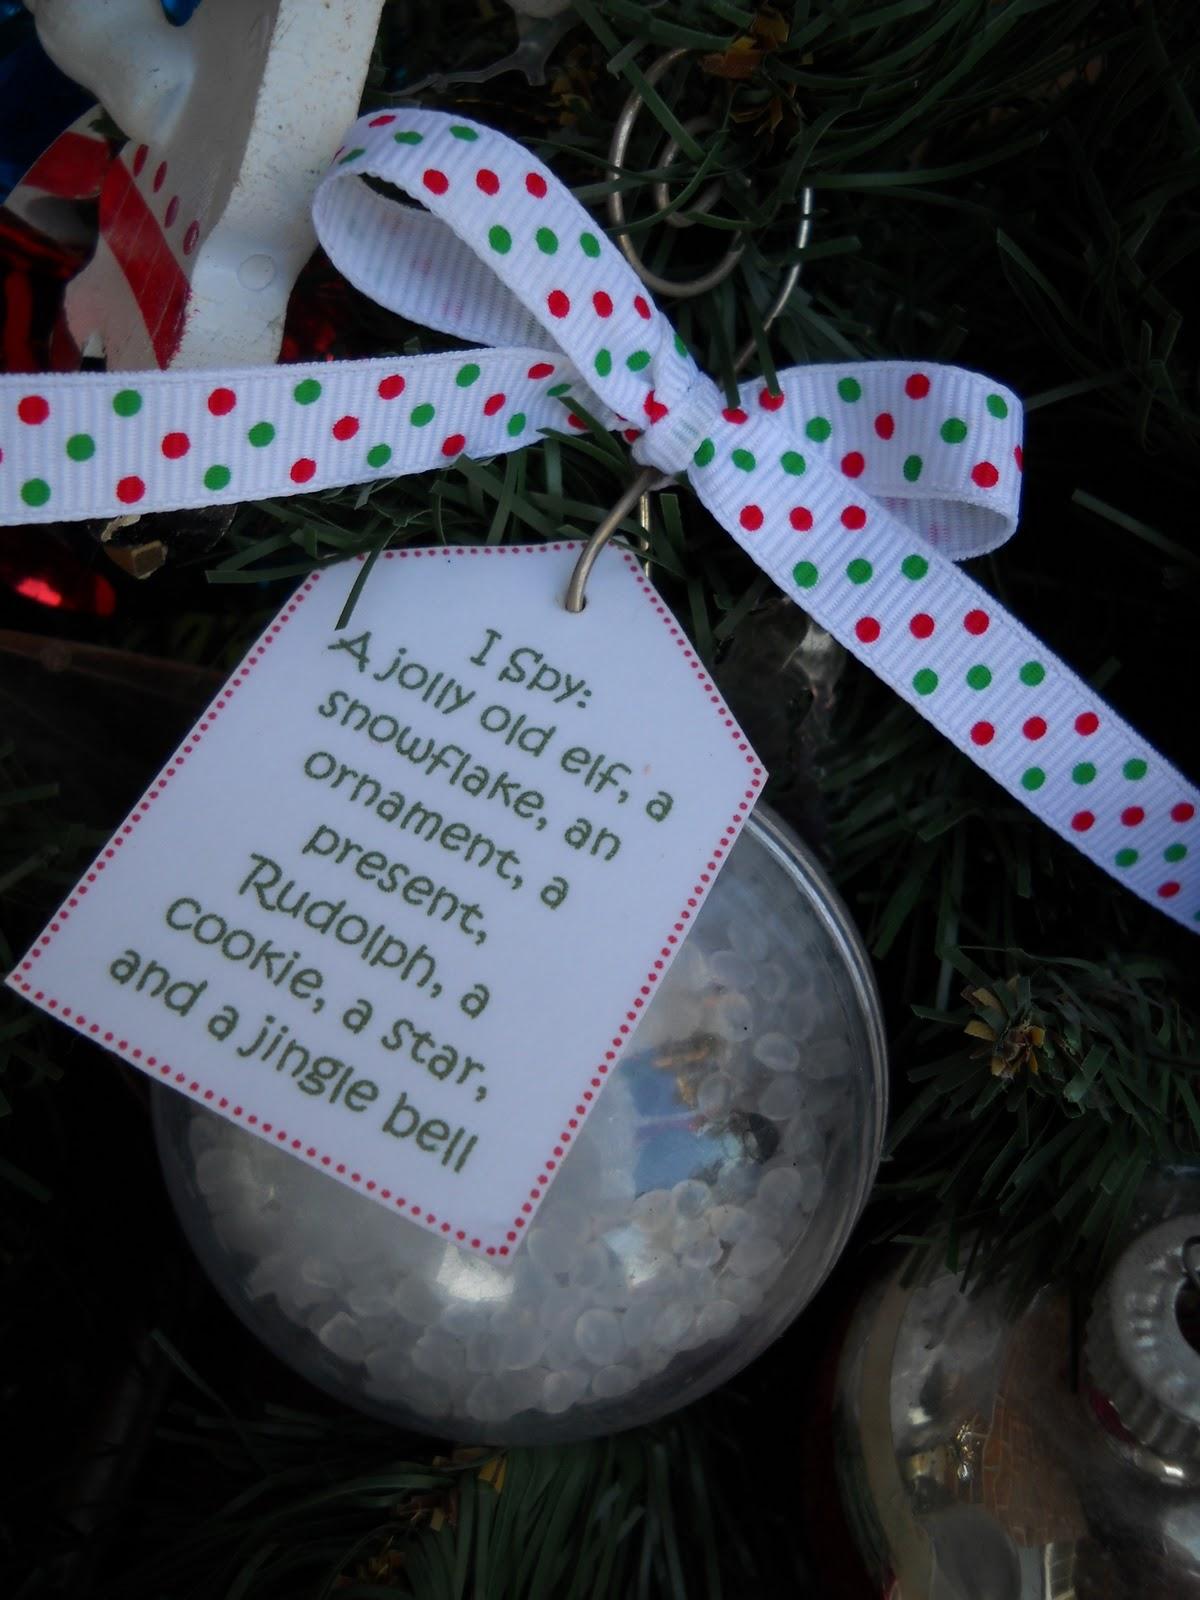 Fun Ornaments To Make